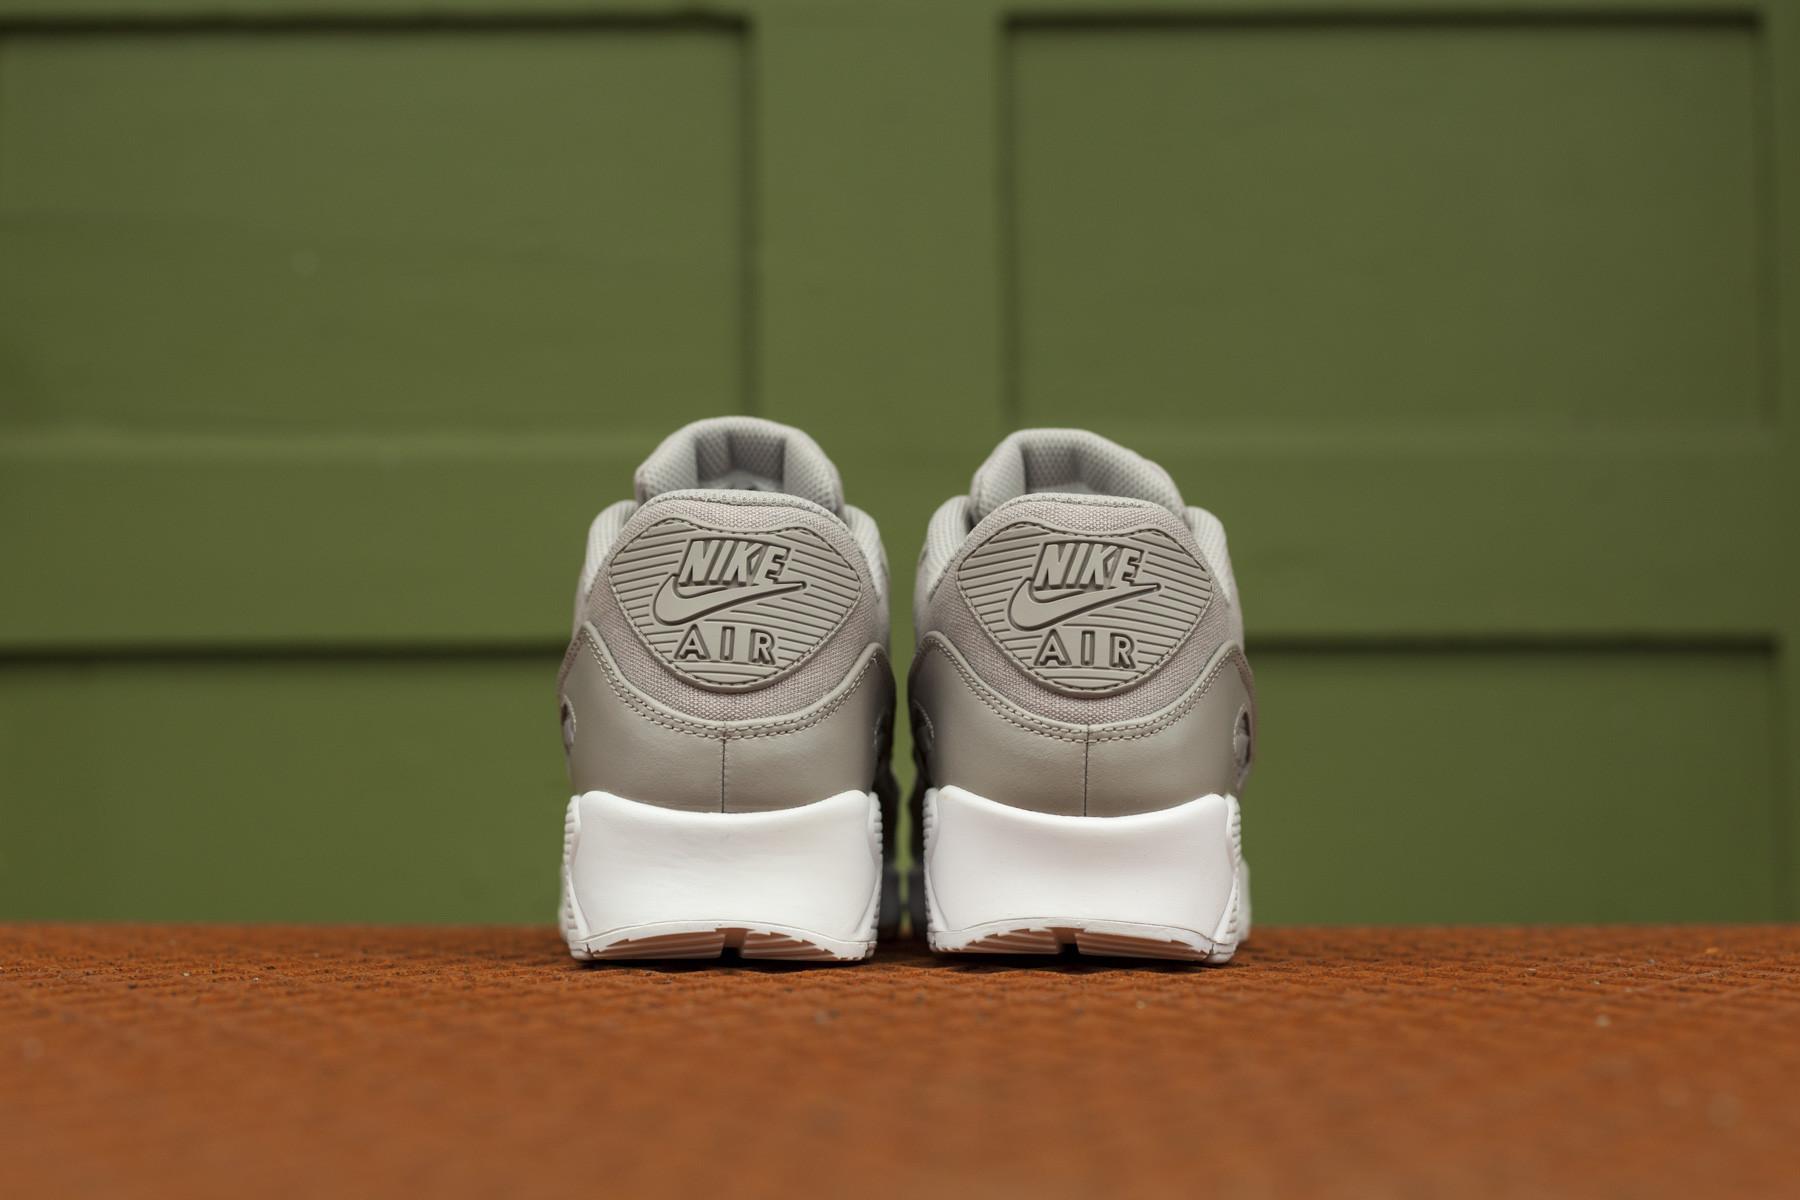 Nike Air Max 90 700155 007 Shoes Nike Air Max 90 Premium